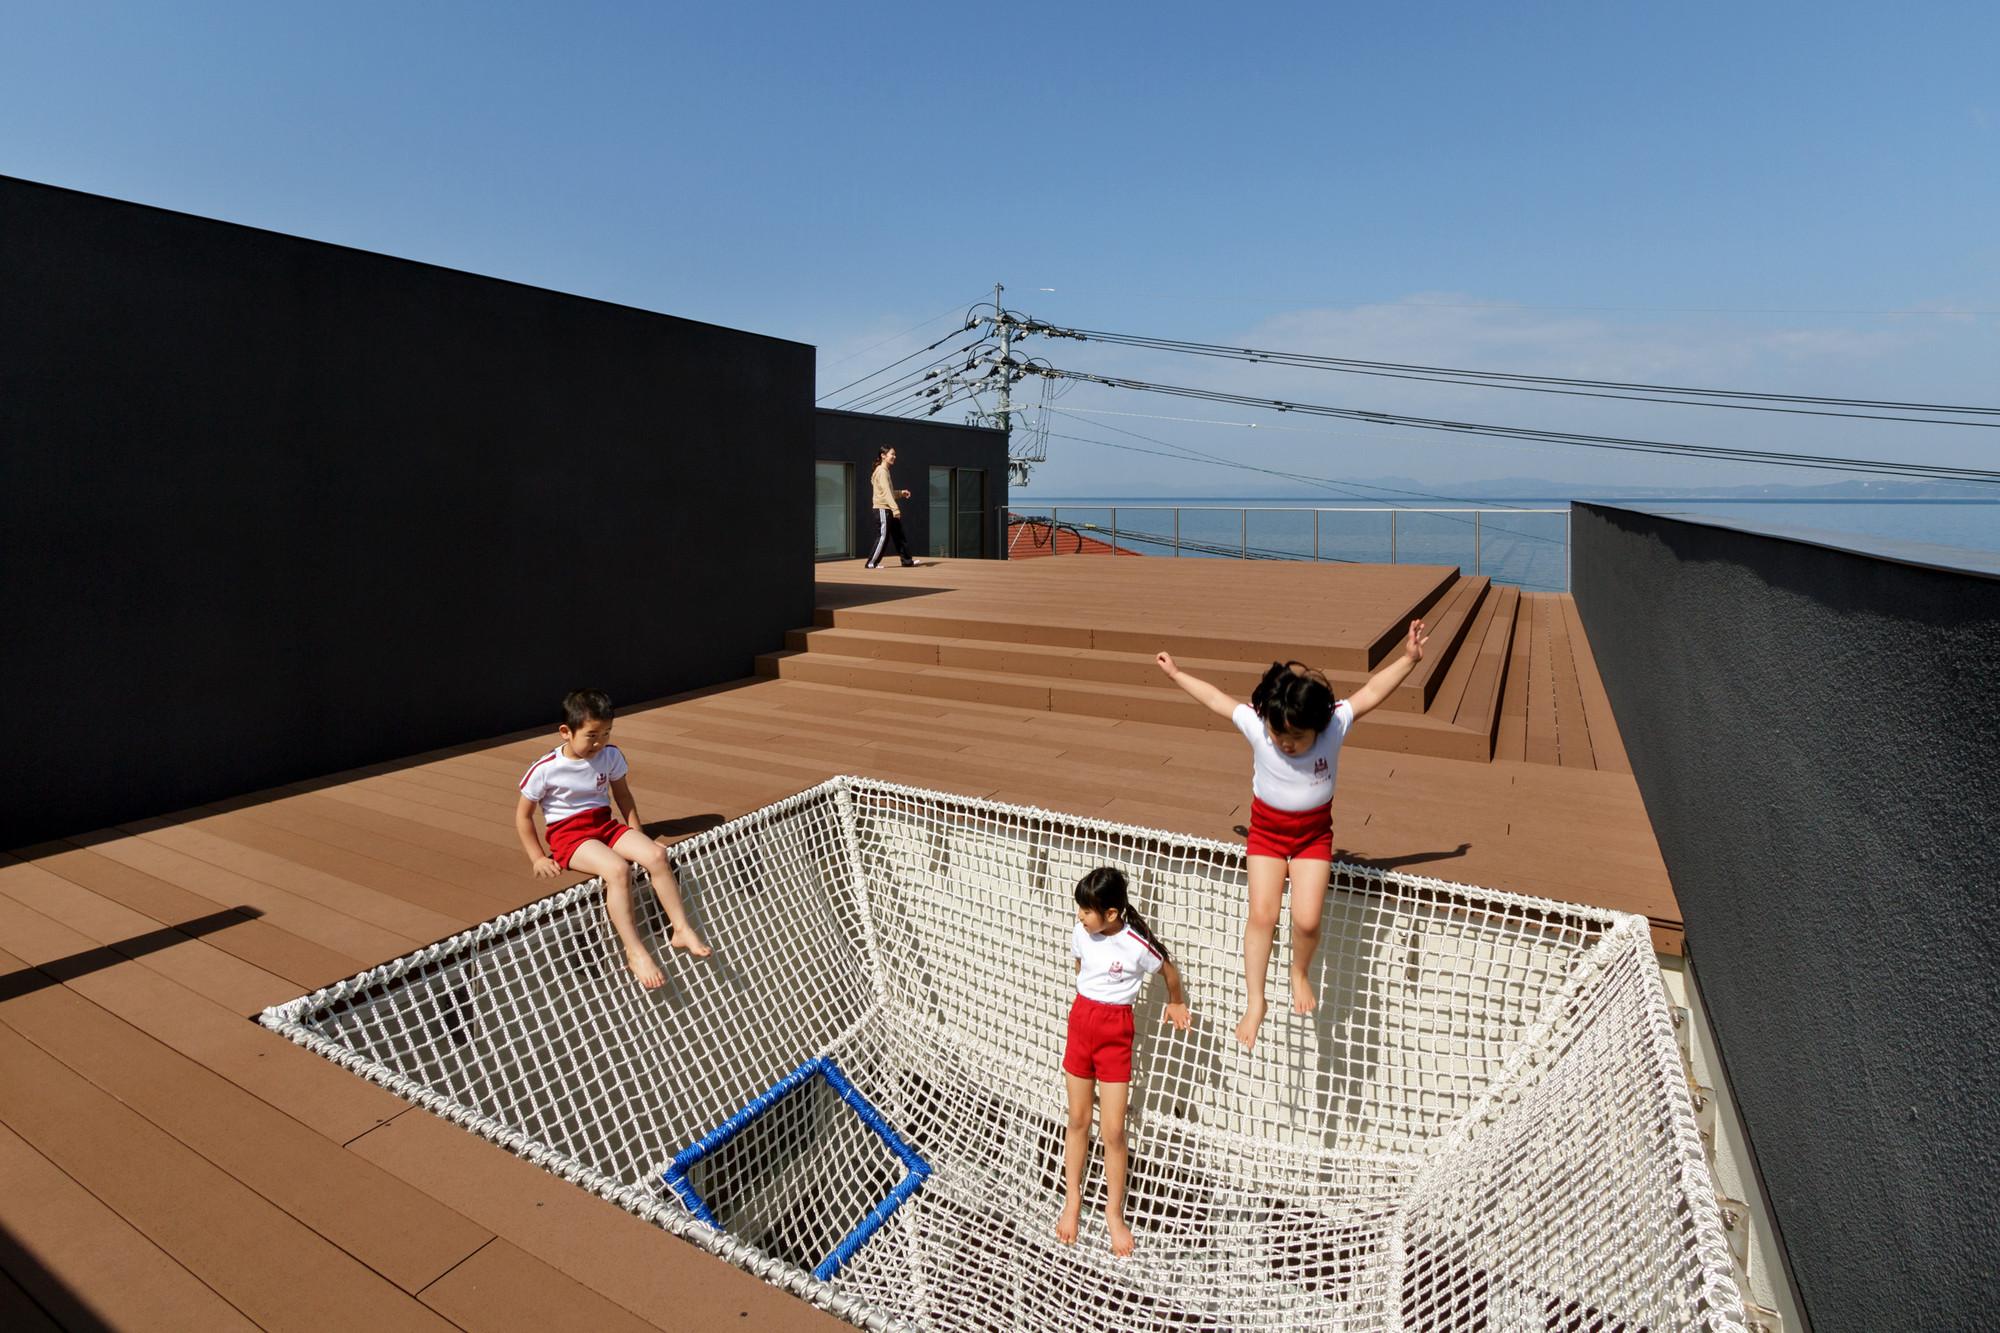 OB Kindergarten and Nursery / HIBINOSEKKEI + Youji no Shiro, © Studio Bauhaus, Ryuji Inoue